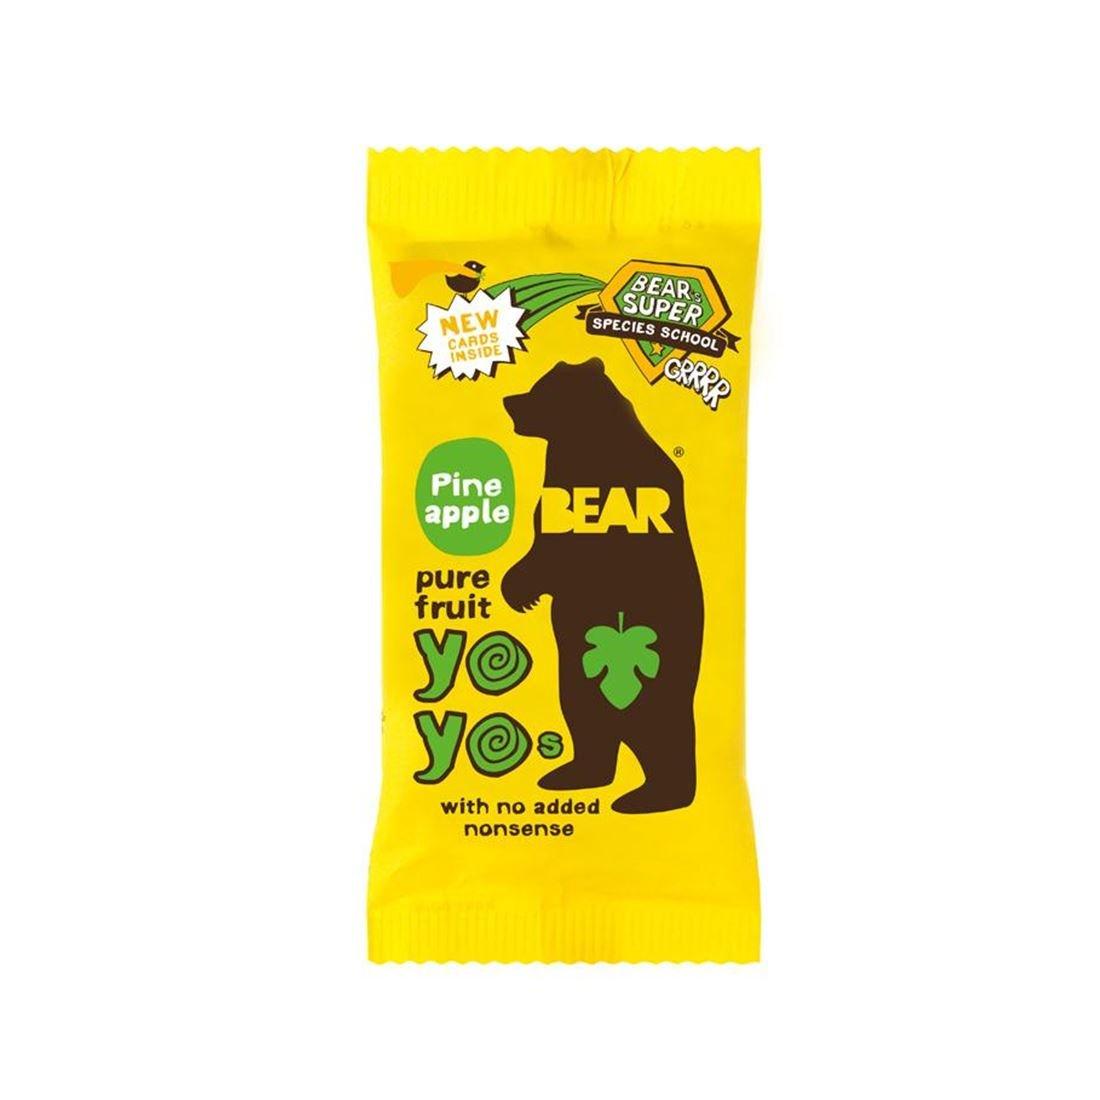 Bear | Yoyo Pure Fruit Rolls - Pineap | 18 x 20G